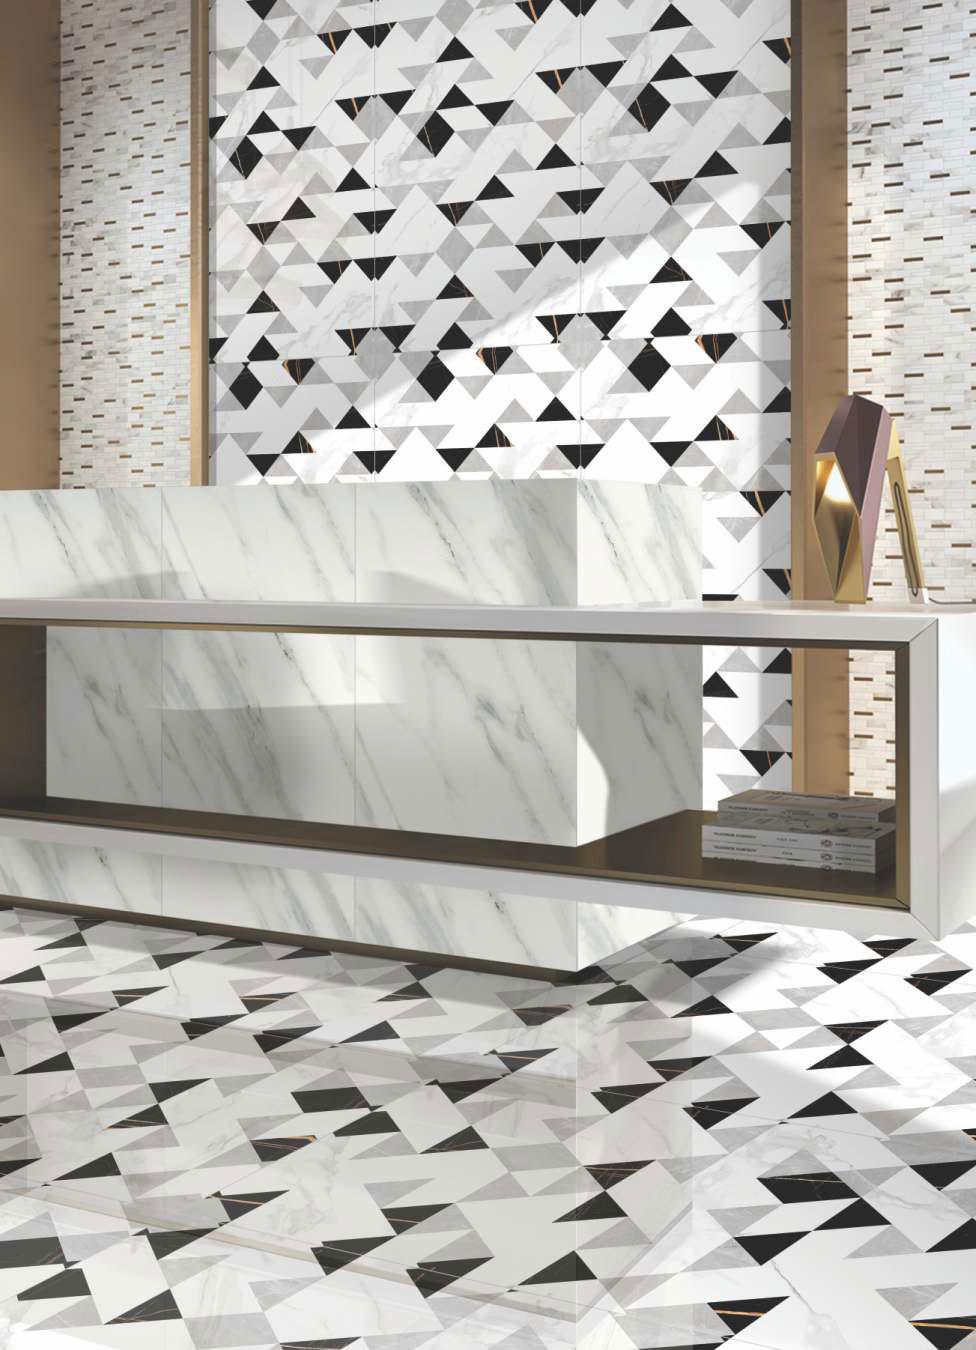 white porcelain floor